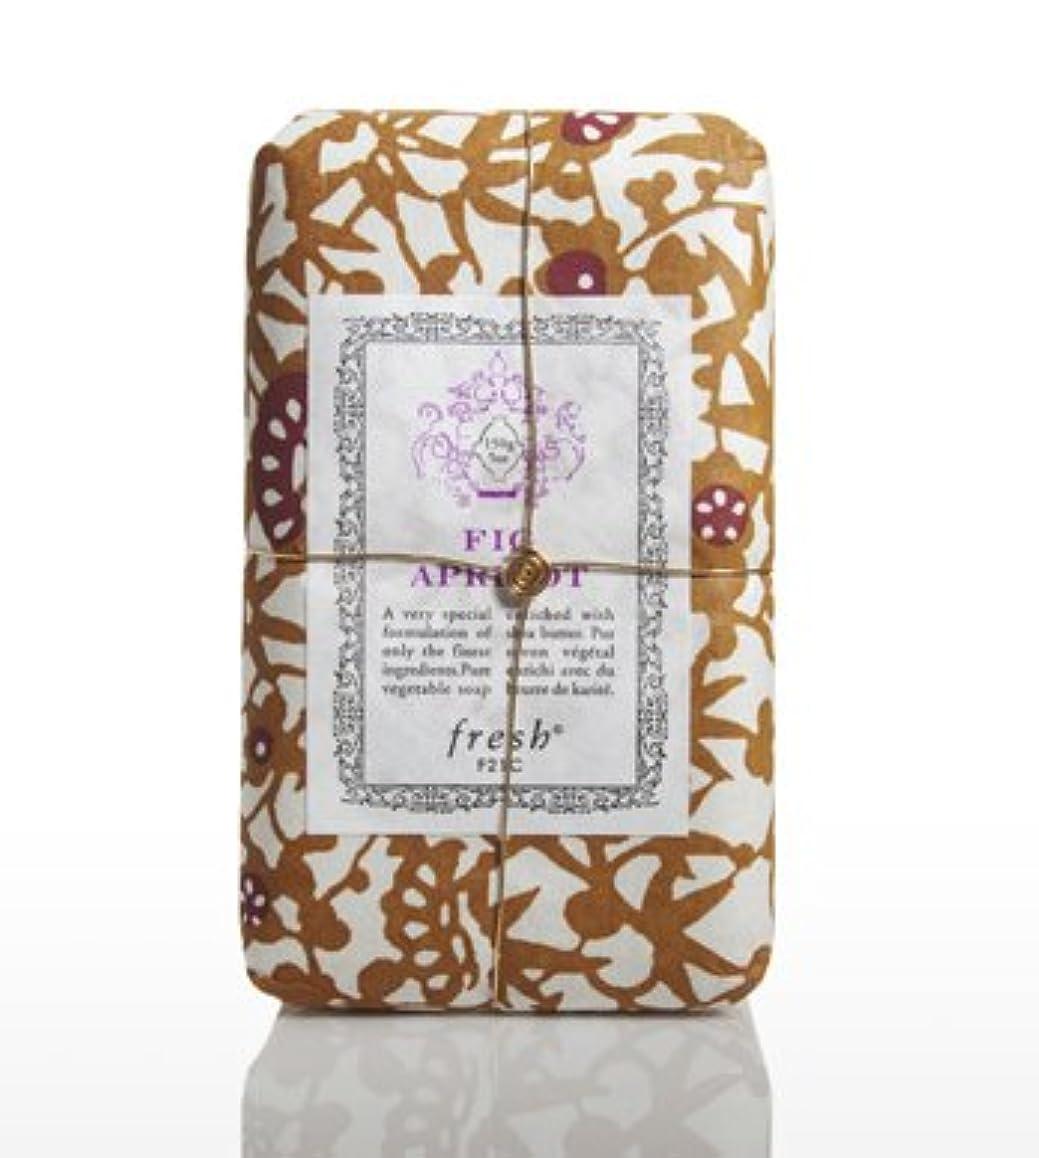 文明保存トライアスリートFresh FIG APRICOT SOAP(フレッシュ フィグアプリコット ソープ) 5.0 oz (150gl) 石鹸 by Fresh